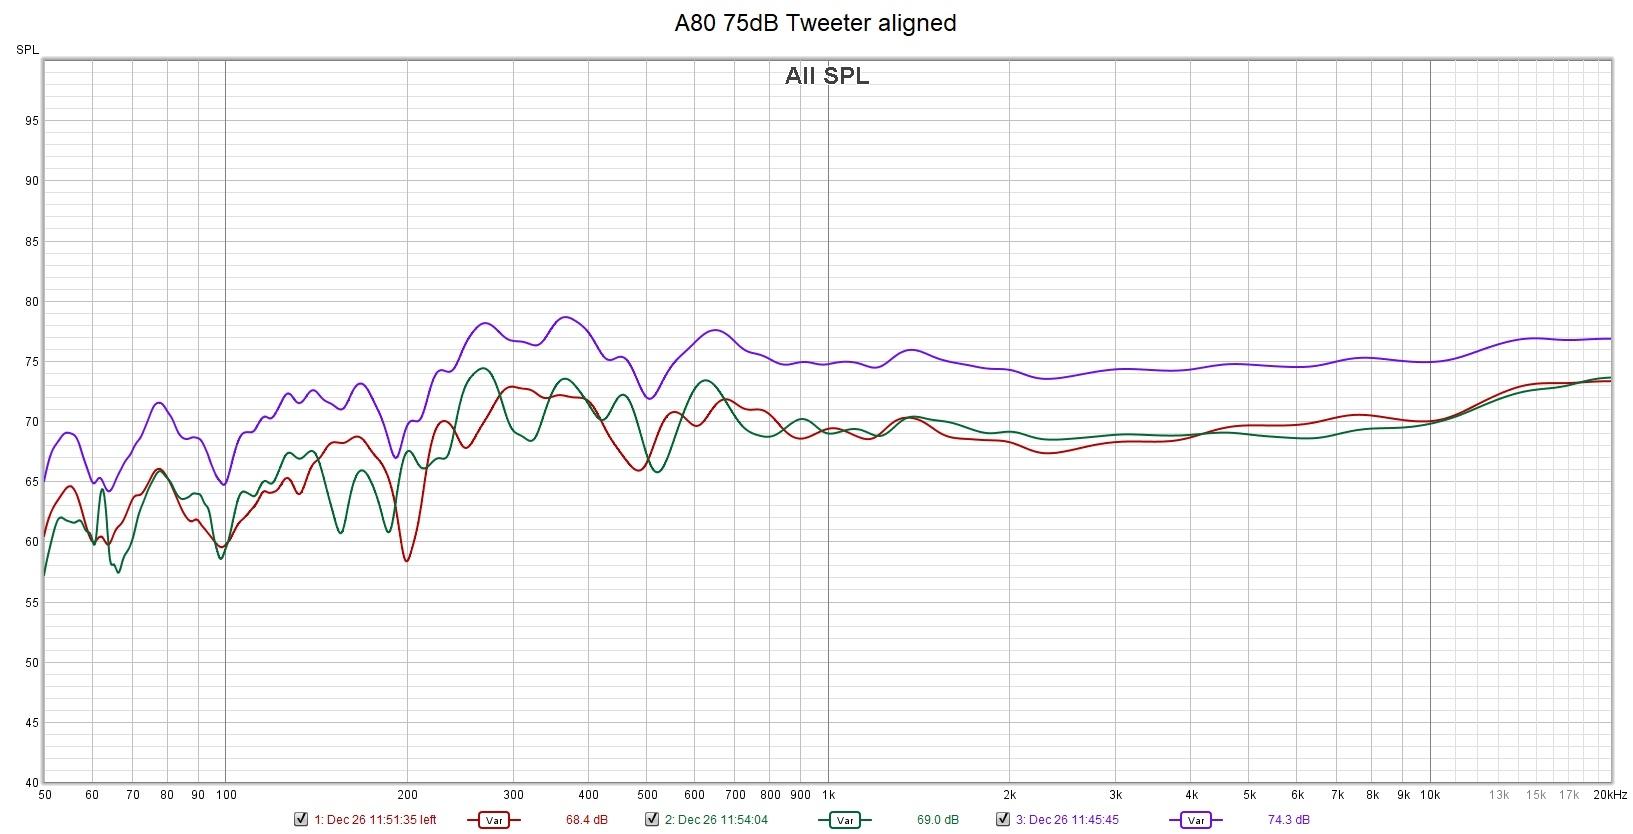 A80 75dB Tweeter aligned.jpg